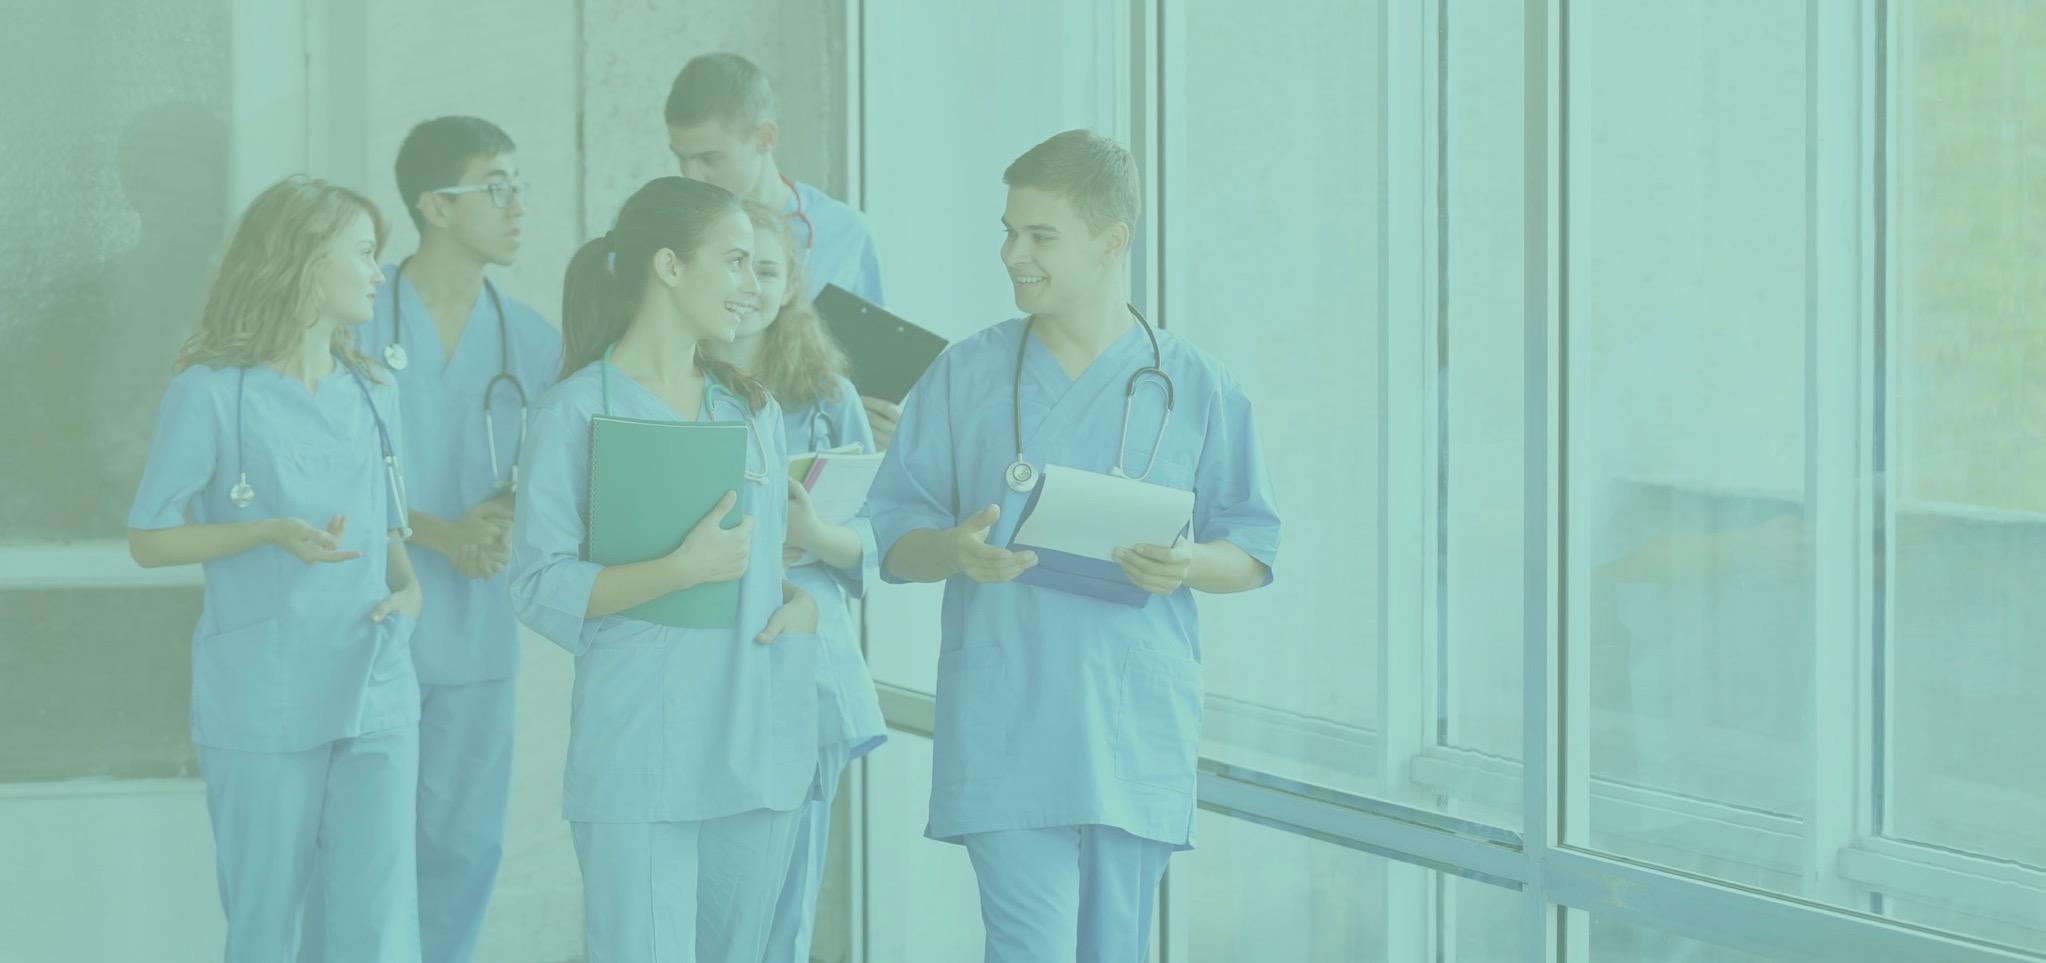 Berechne deine Chancen auf einen Medizinstudienplatz - für jede der 36 Unis